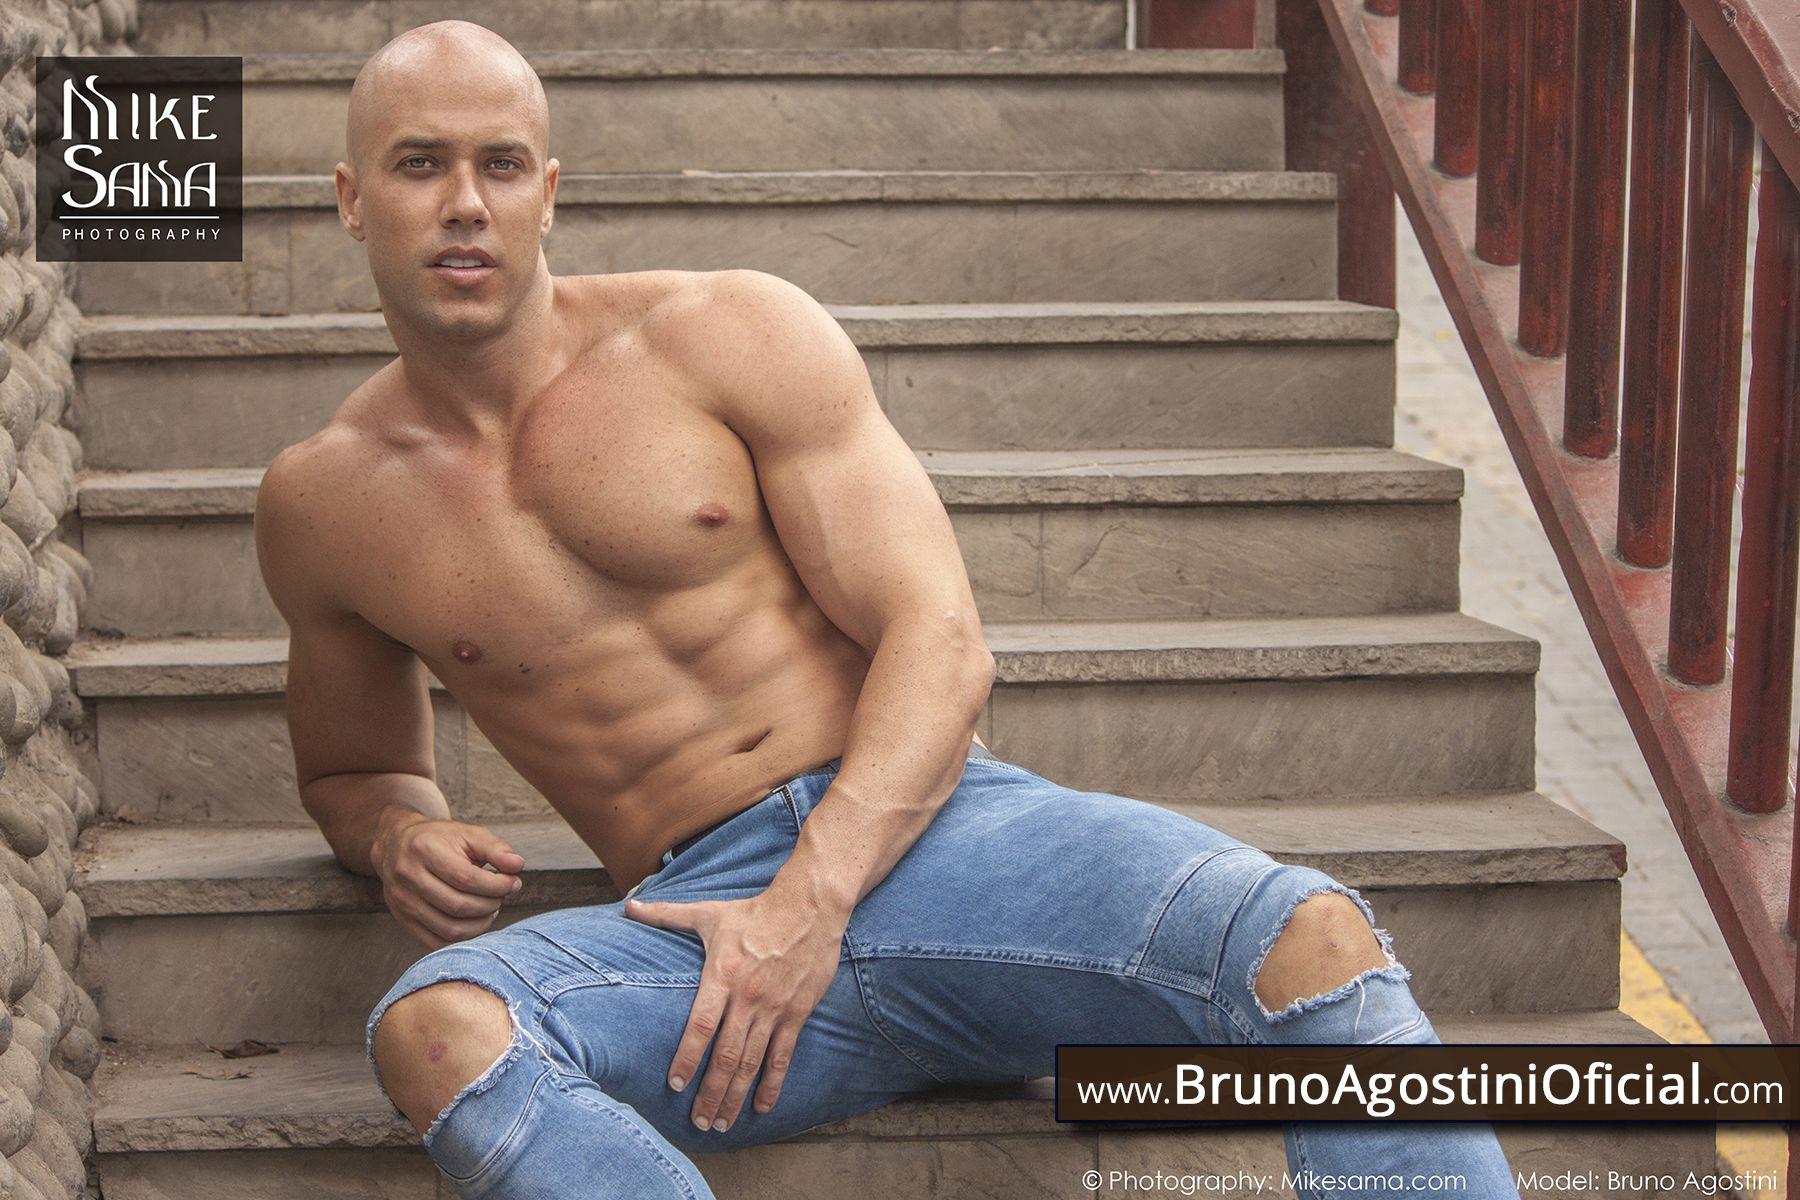 fotos_brunoagostinioficial_9